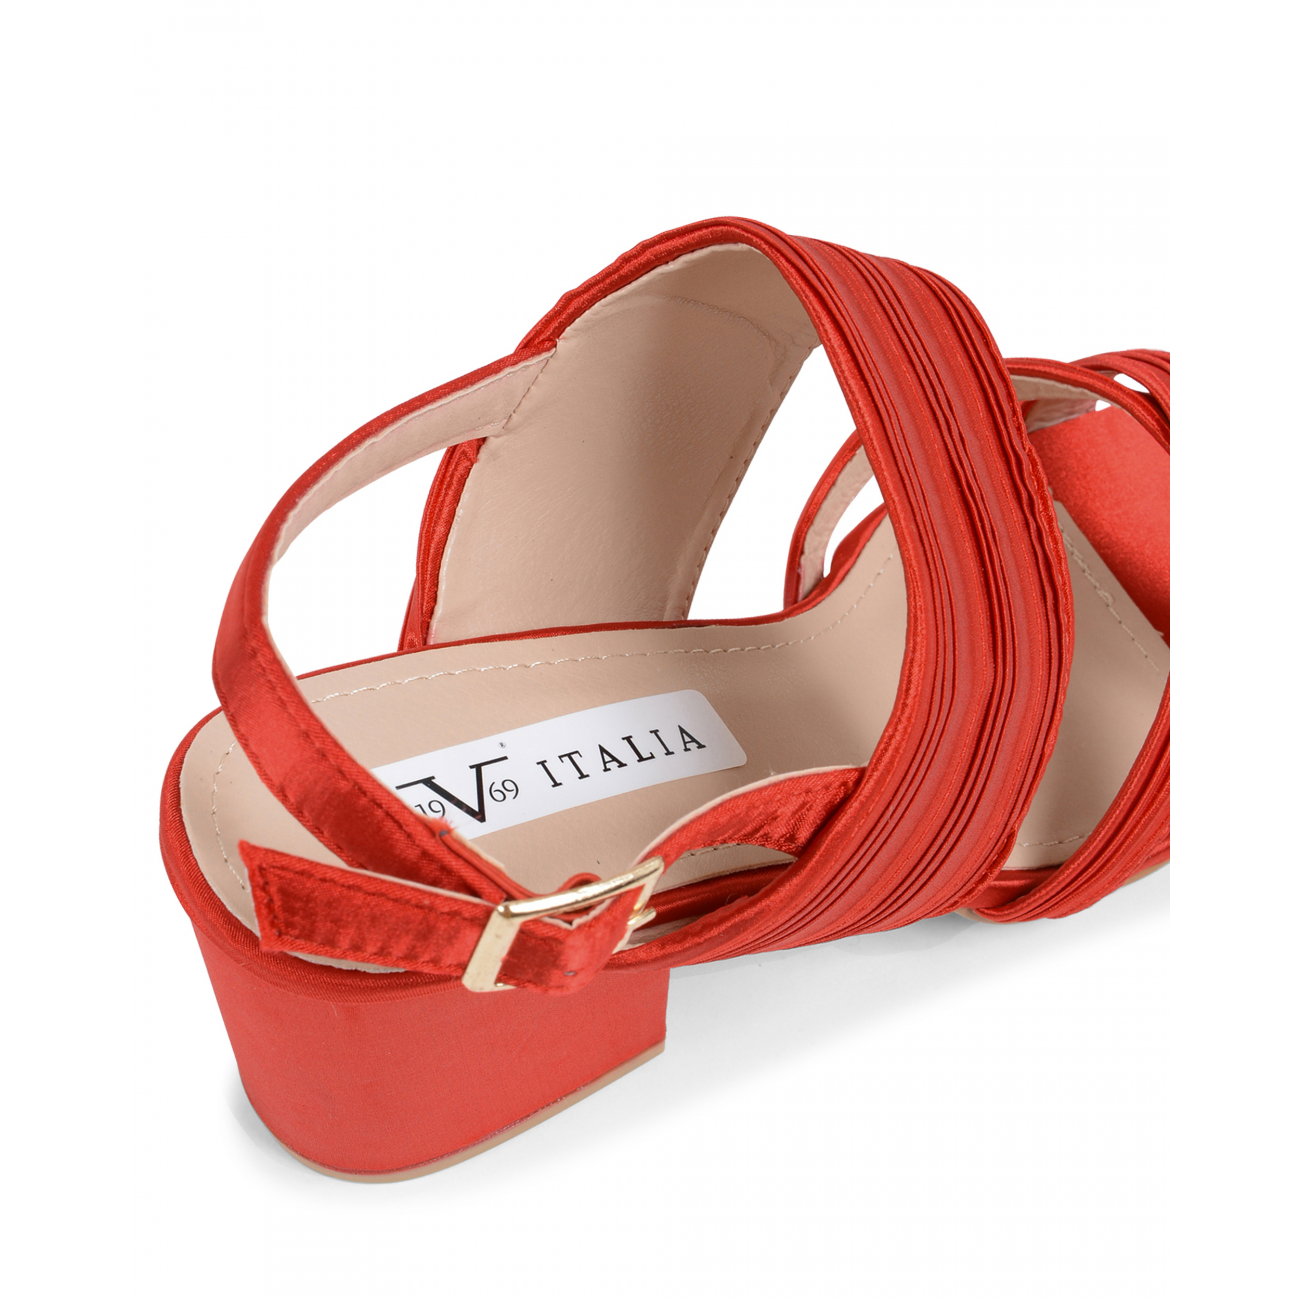 19V69 Italia Women's Slingback Sandal Red V31 RED